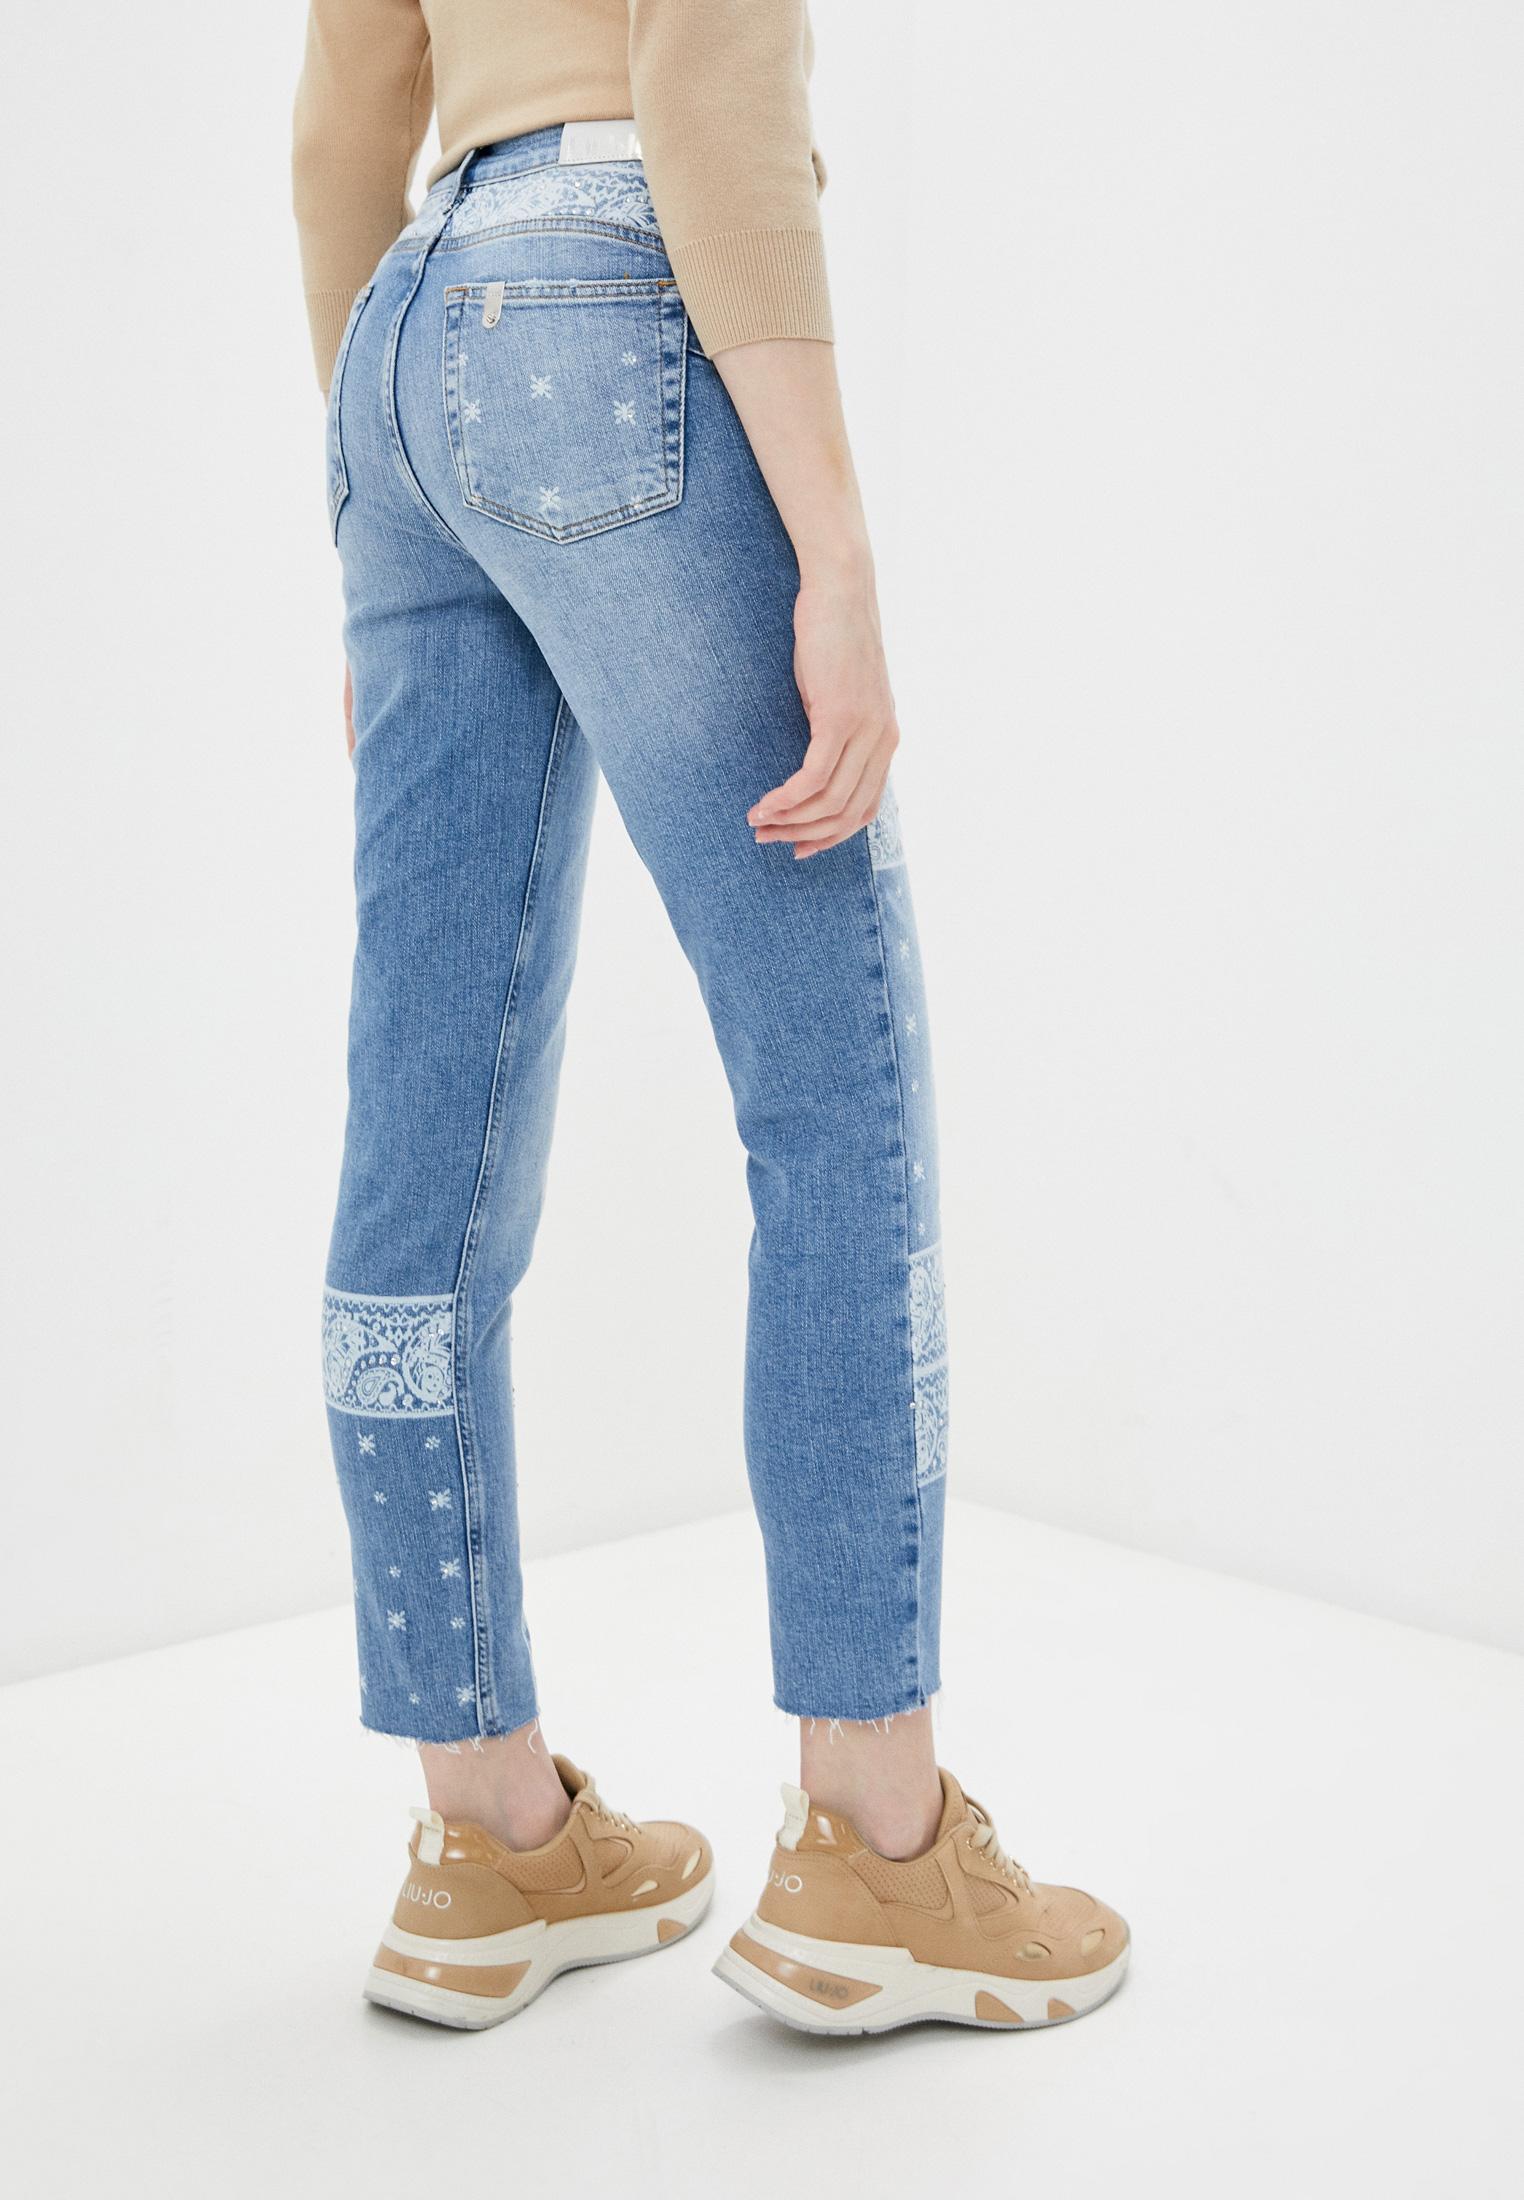 Зауженные джинсы Liu Jo (Лиу Джо) UA1034 D4588: изображение 4